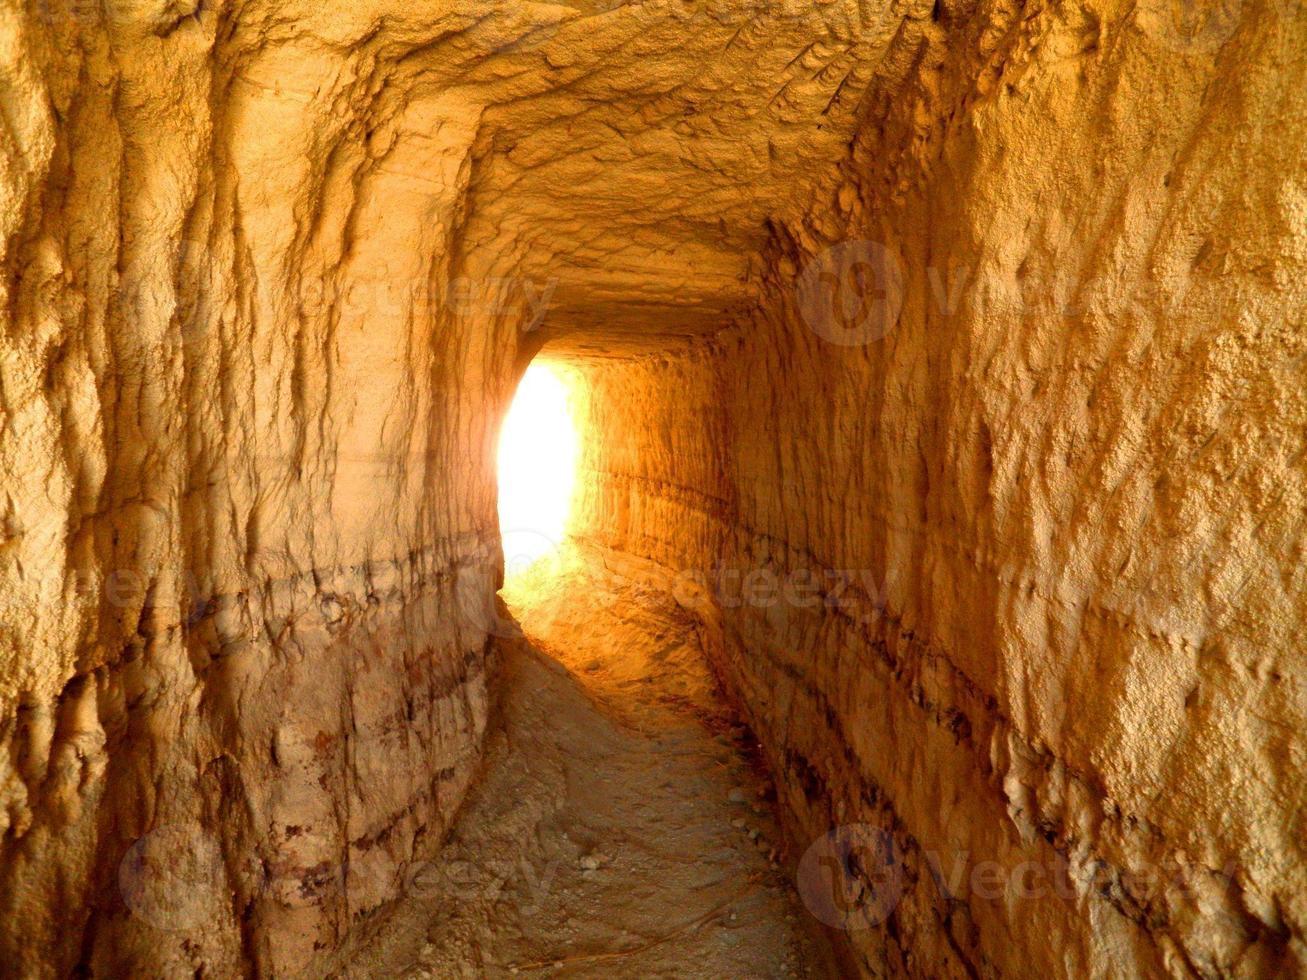 Ende des Tunnels foto